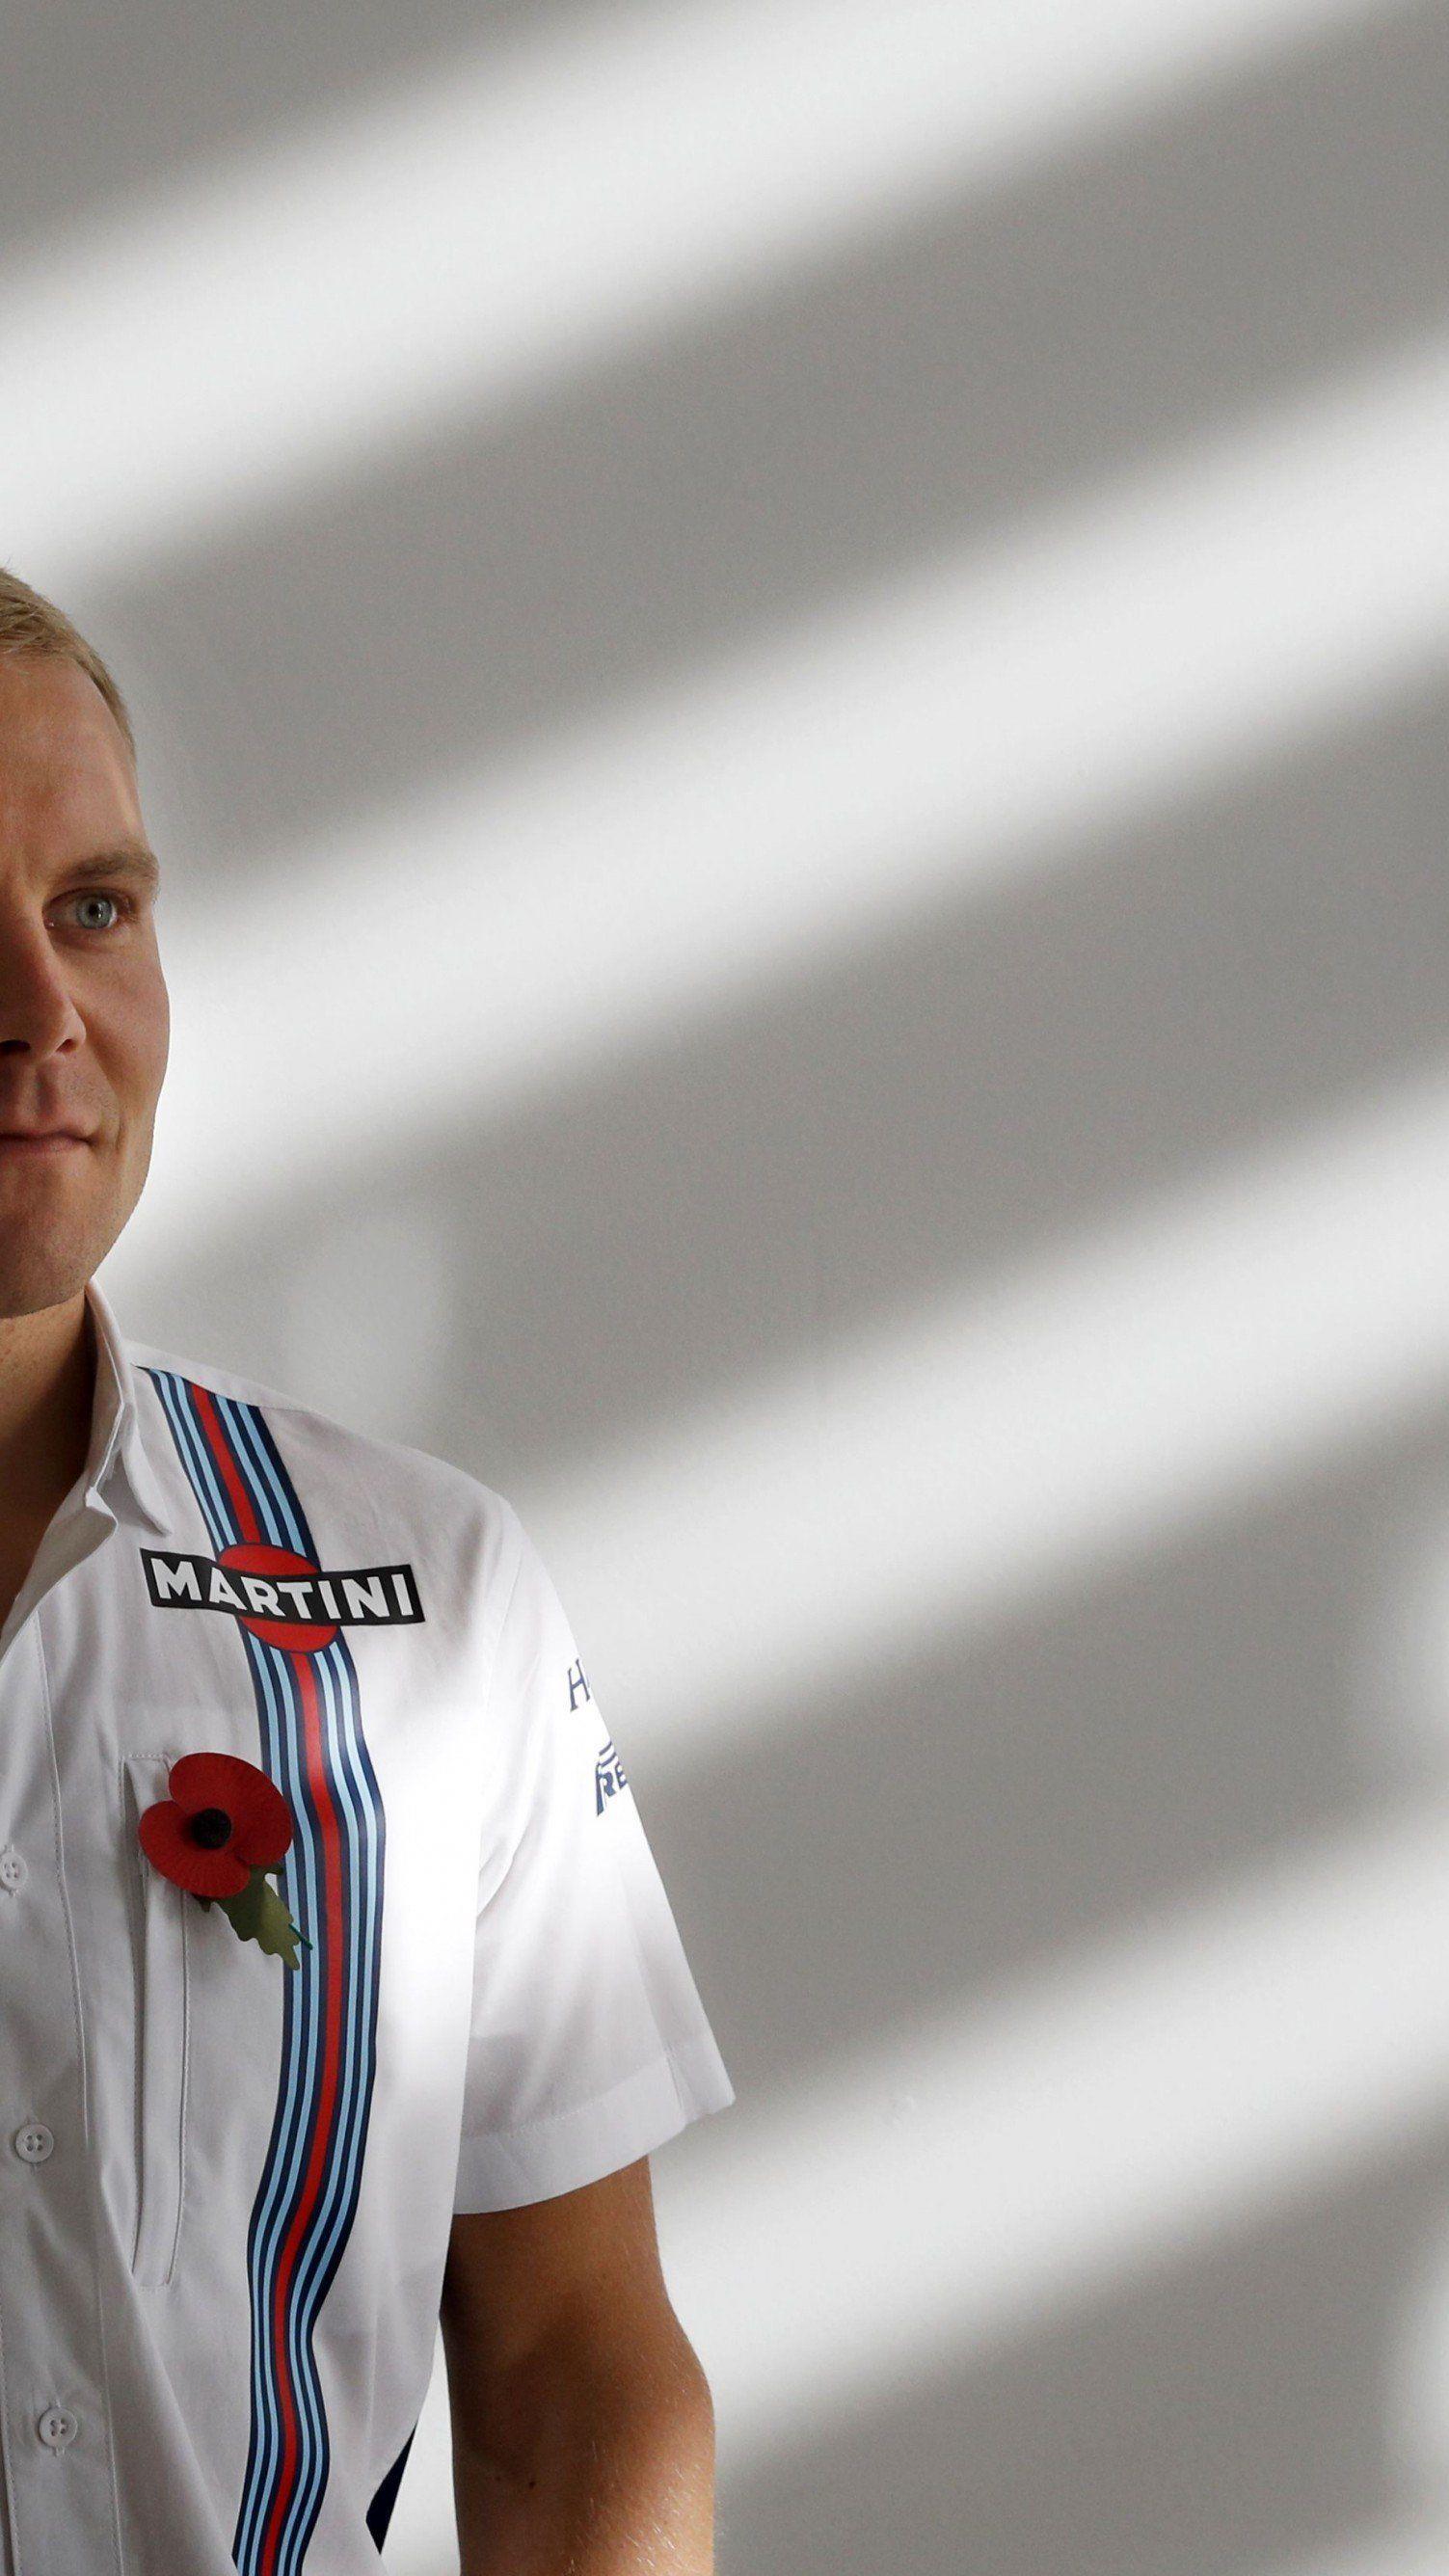 Der Finne Valtteri Bottas hat von Williams die Freigabe für einen Wechsel zu Mercedes als Nachfolger des zurückgetretenen Formel-1-Weltmeisters Nico Rosberg erhalten.